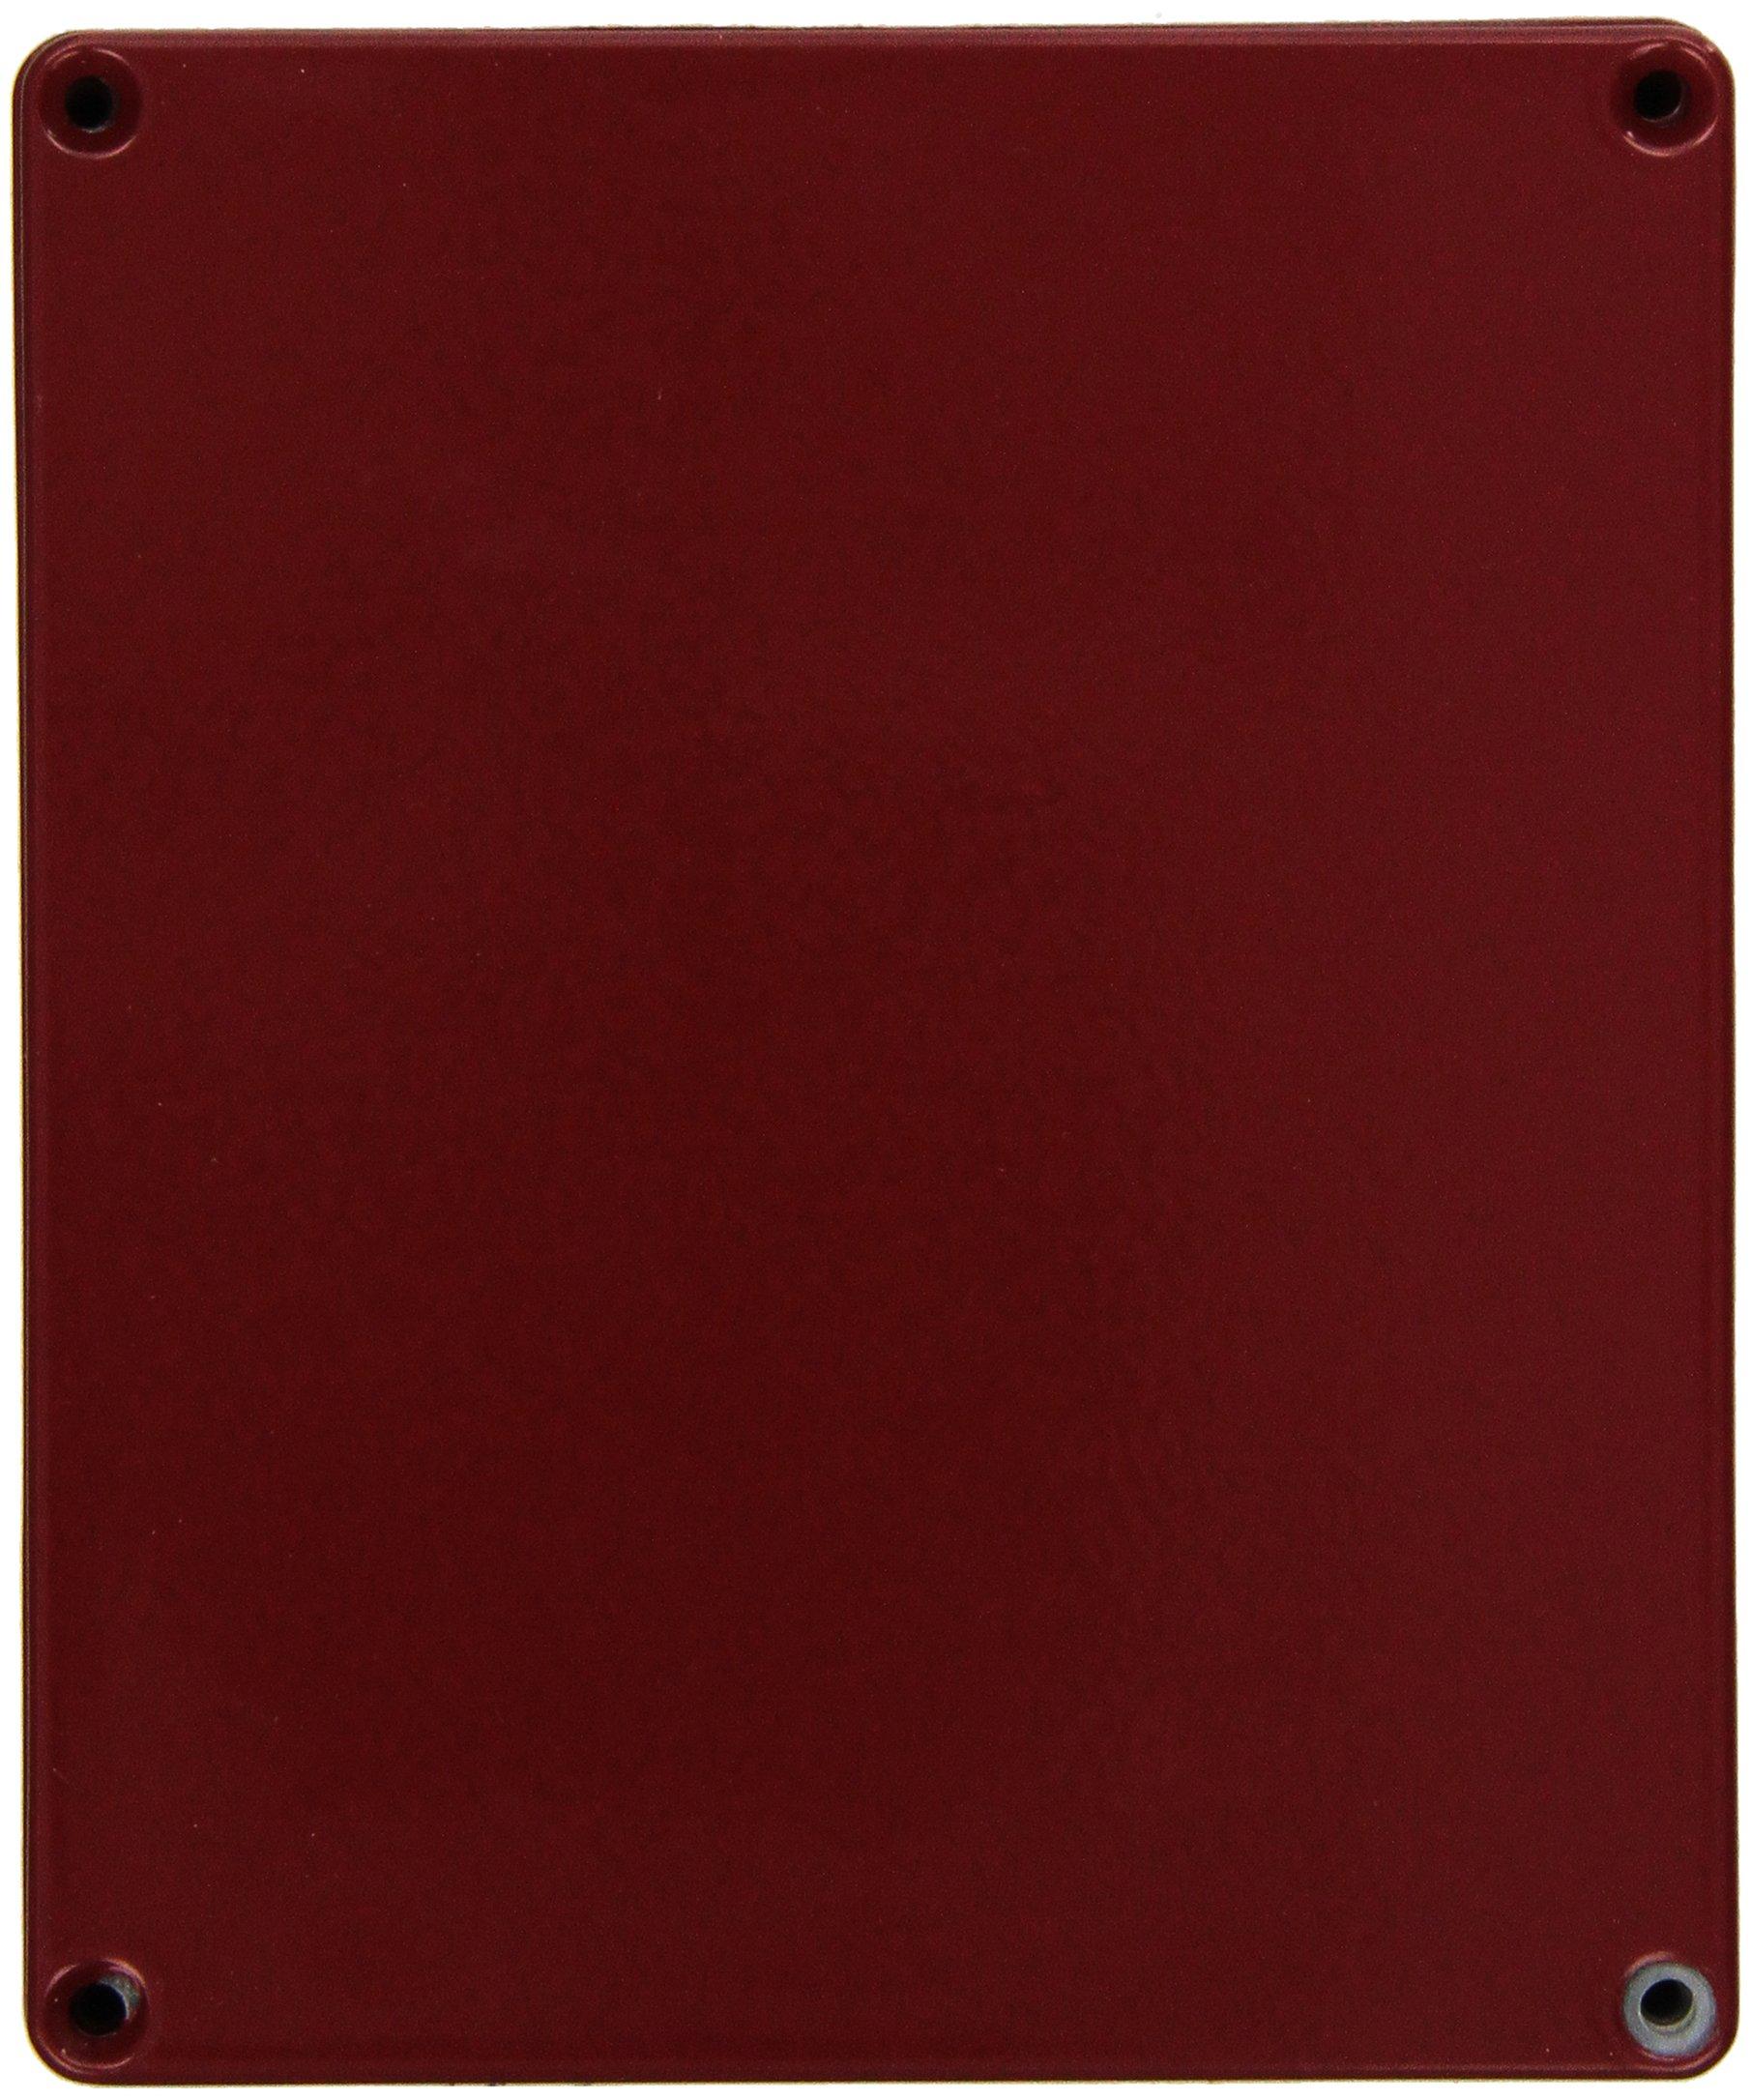 Hammond 1590XXRD Red Diecast Aluminum Enclosure -- Inches (5.72'' x 4.77'' x 1.39'') mm (145mm x 121mm x 35mm)